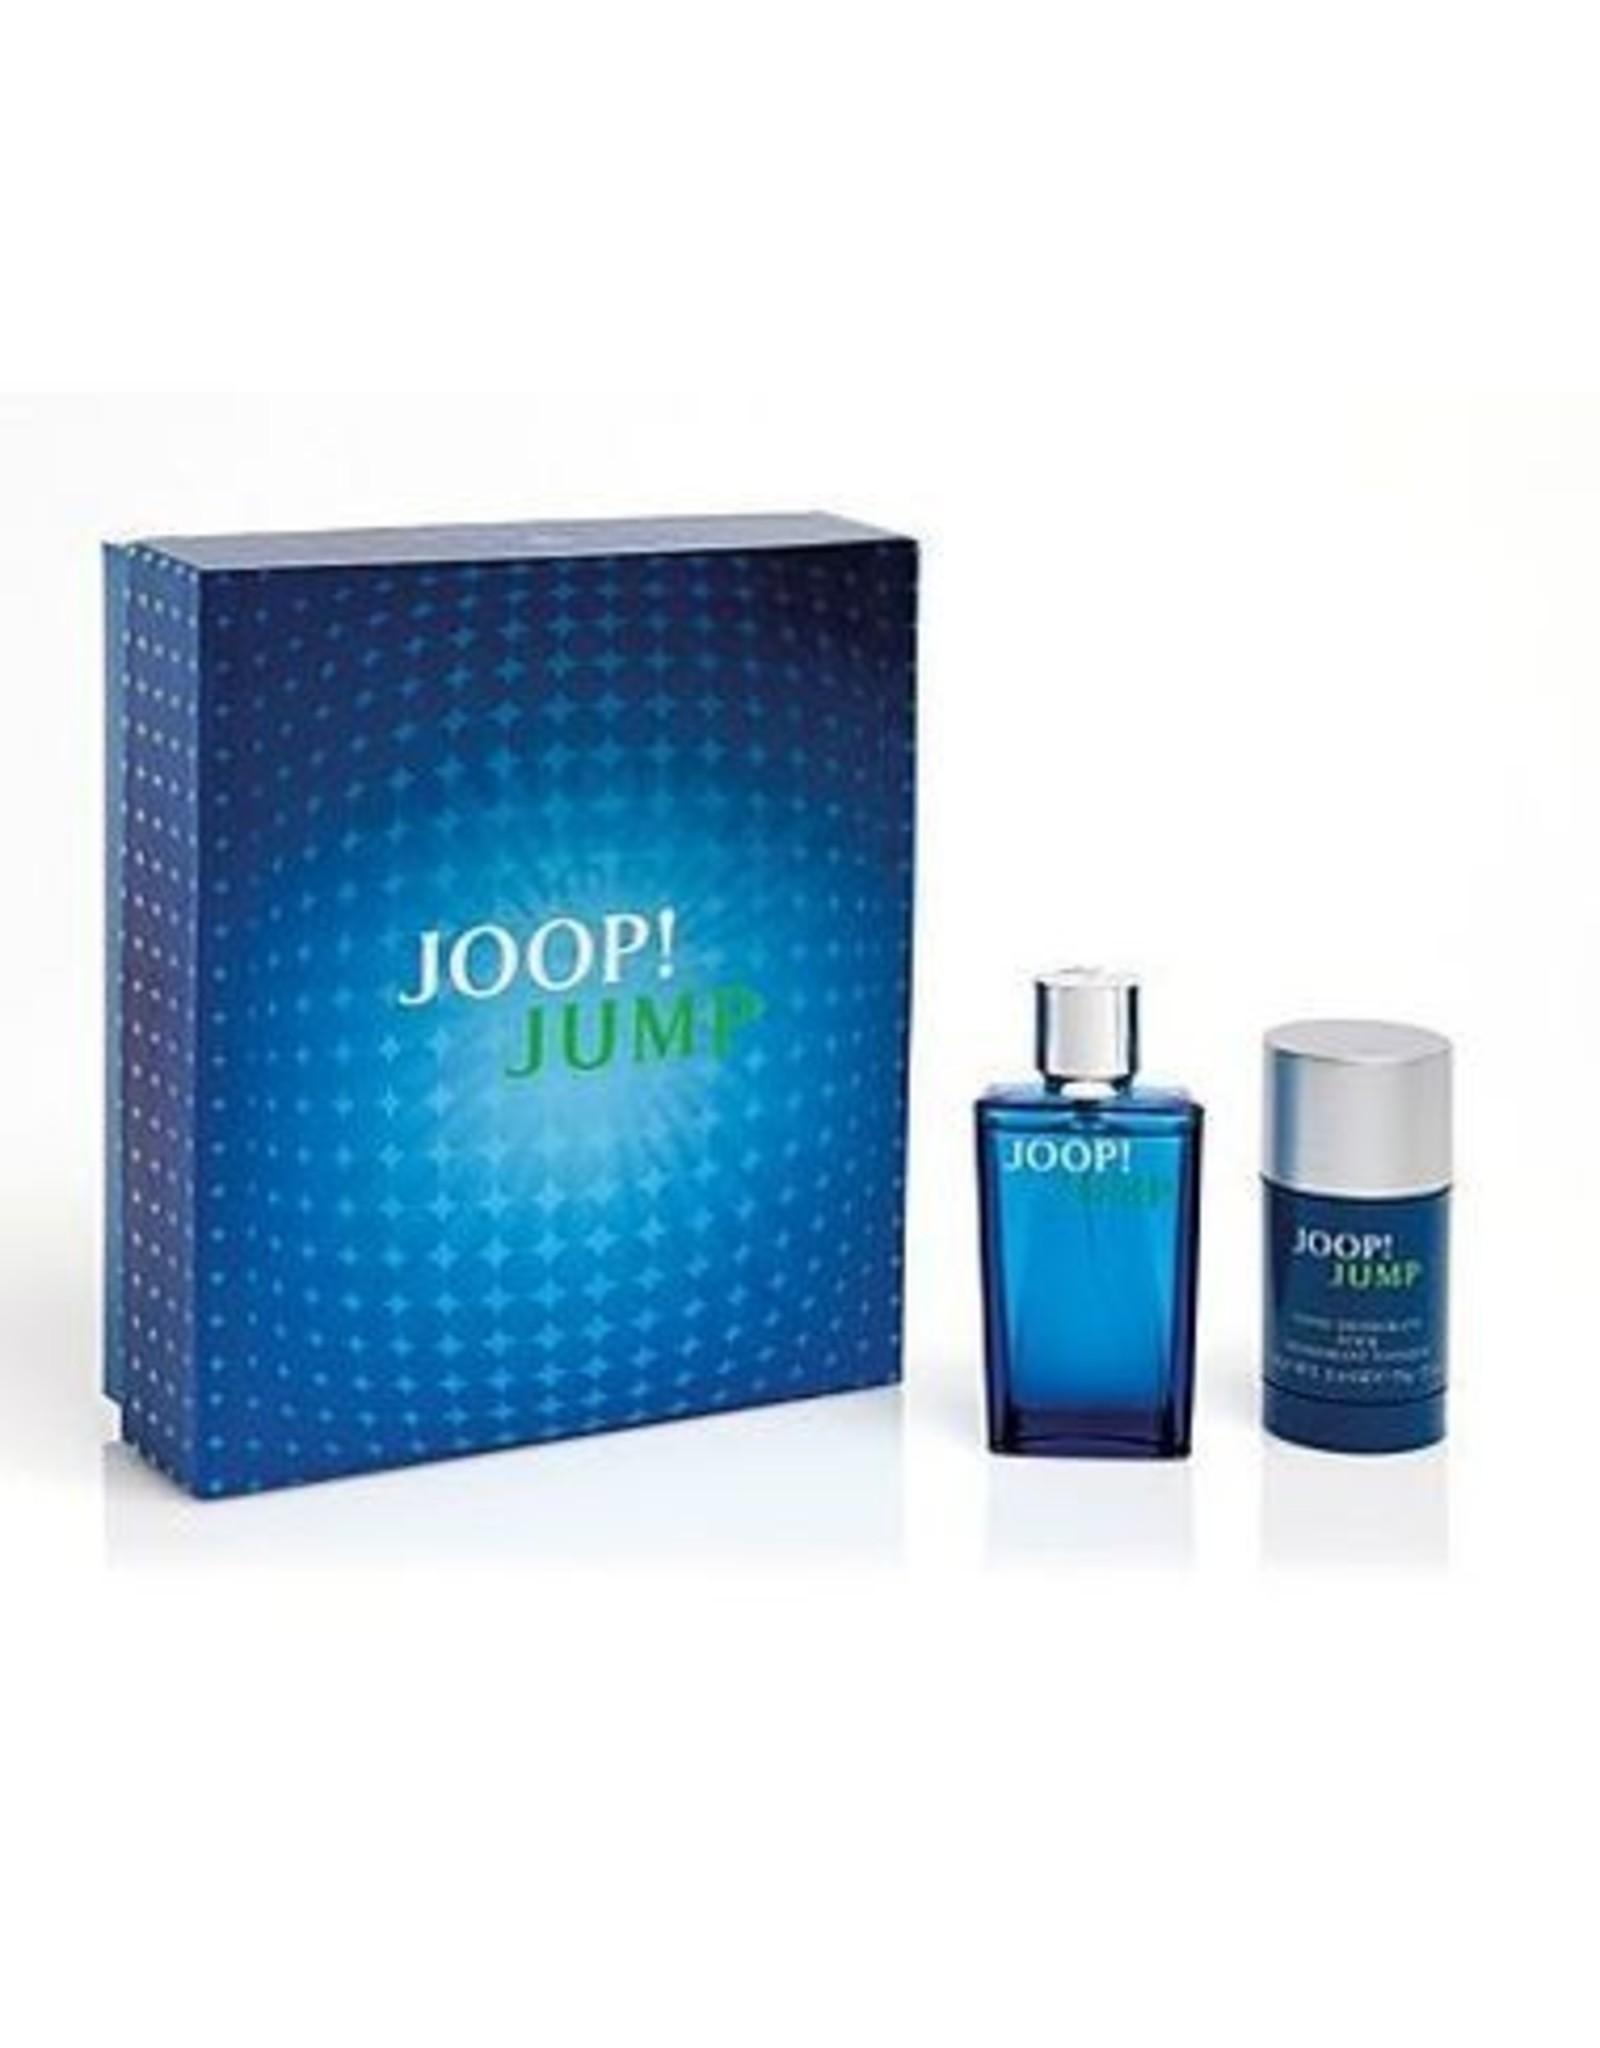 JOOP JOOP JOOP JUMP 2pc Set